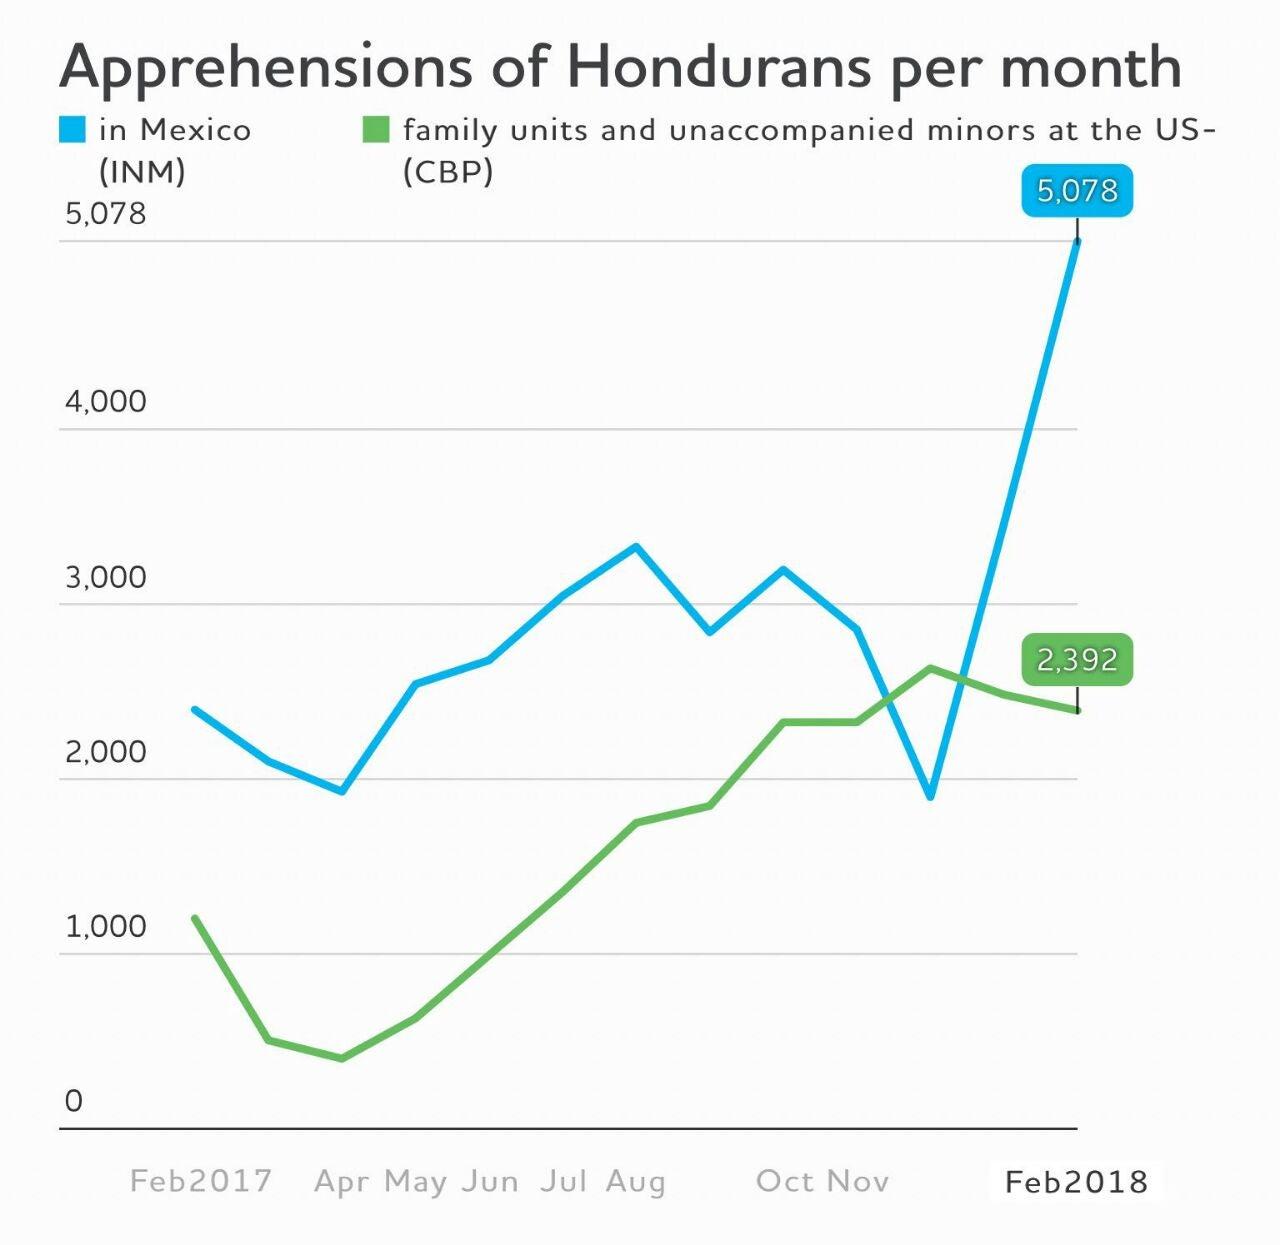 Aprehensiones de hondureños por mes.